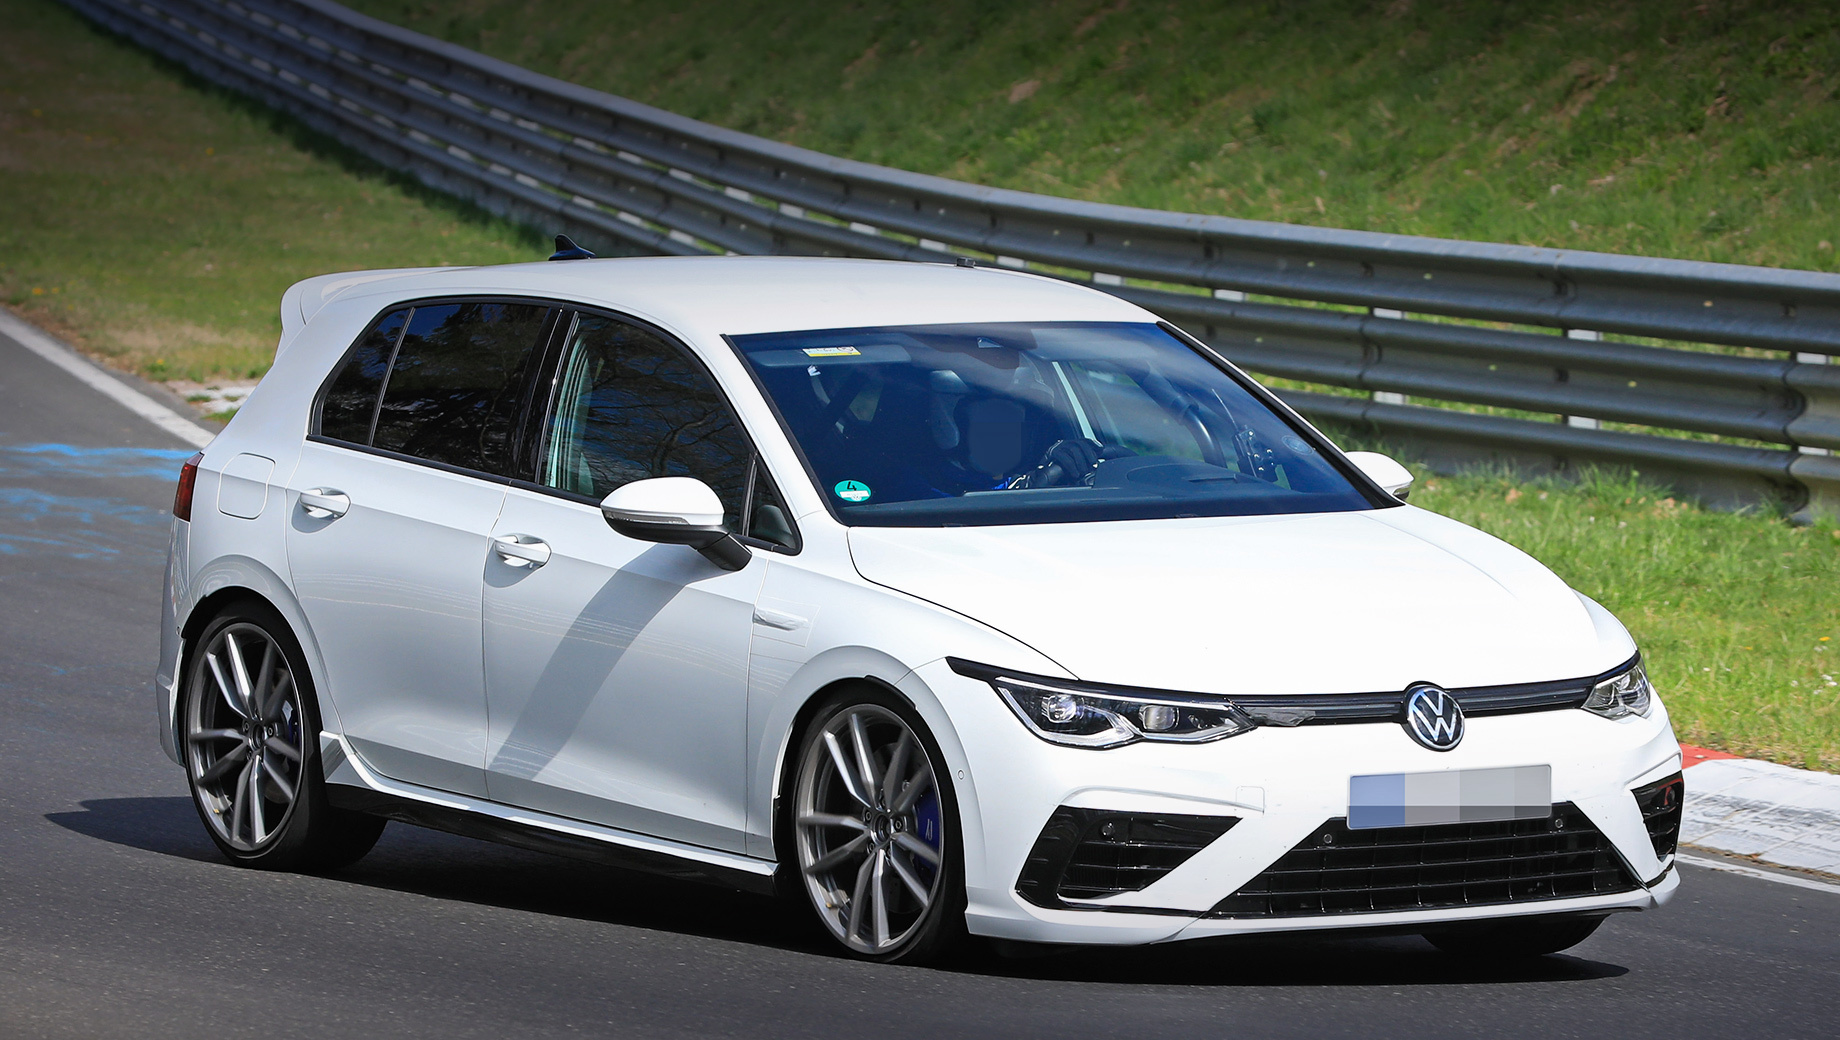 Volkswagen Golf R будет доступен в двух версиях